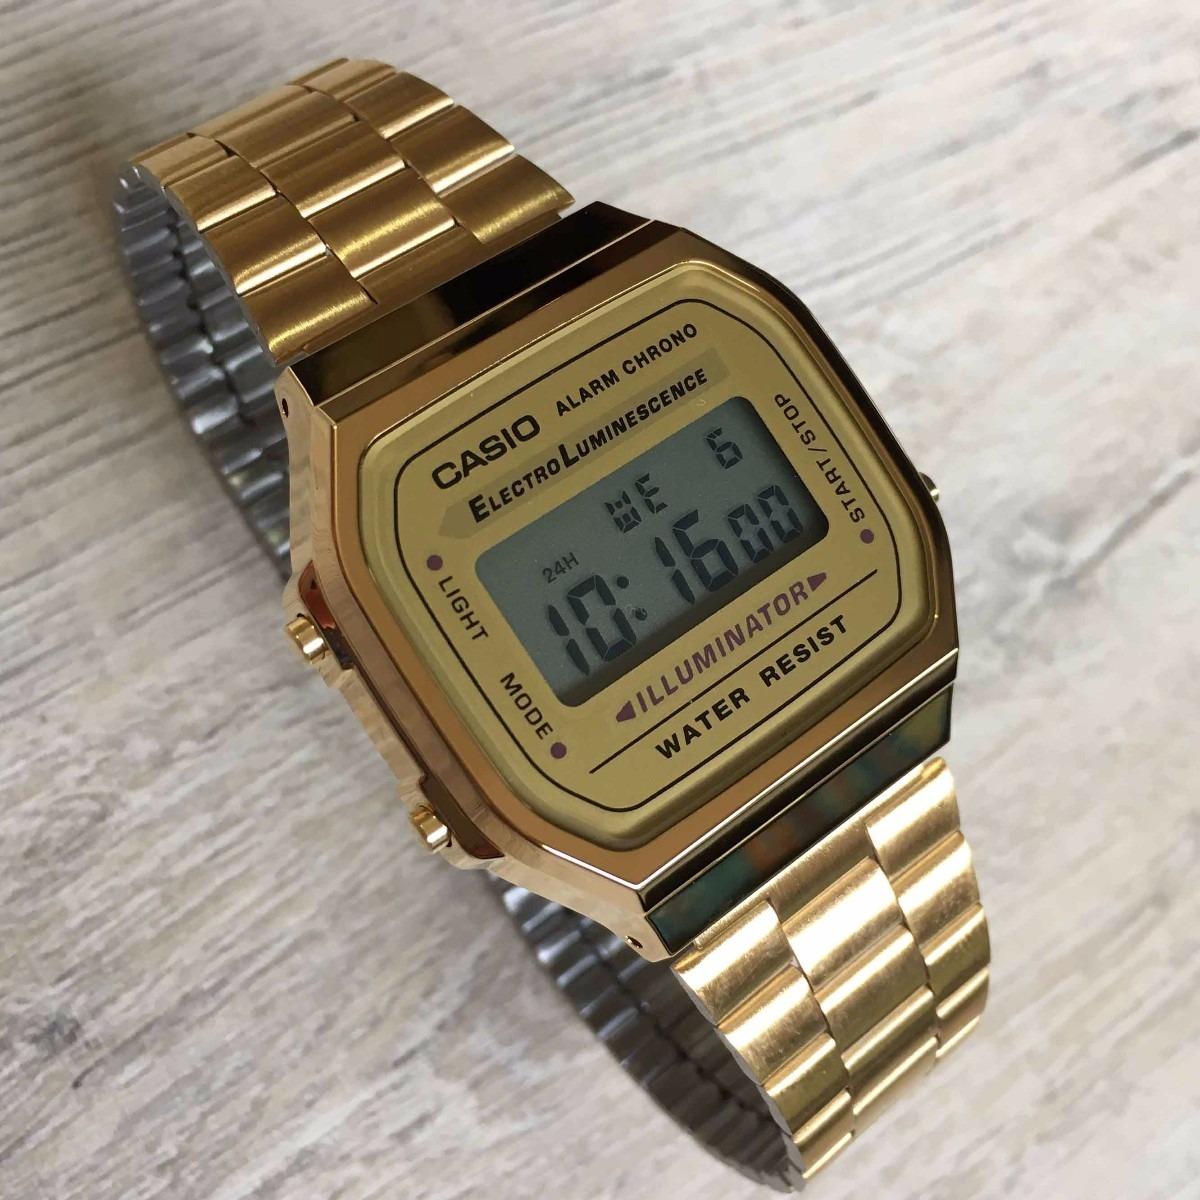 921fcdd73f1 relogio casio a168 unissex retrô digital dourado a168wg-9. Carregando zoom.